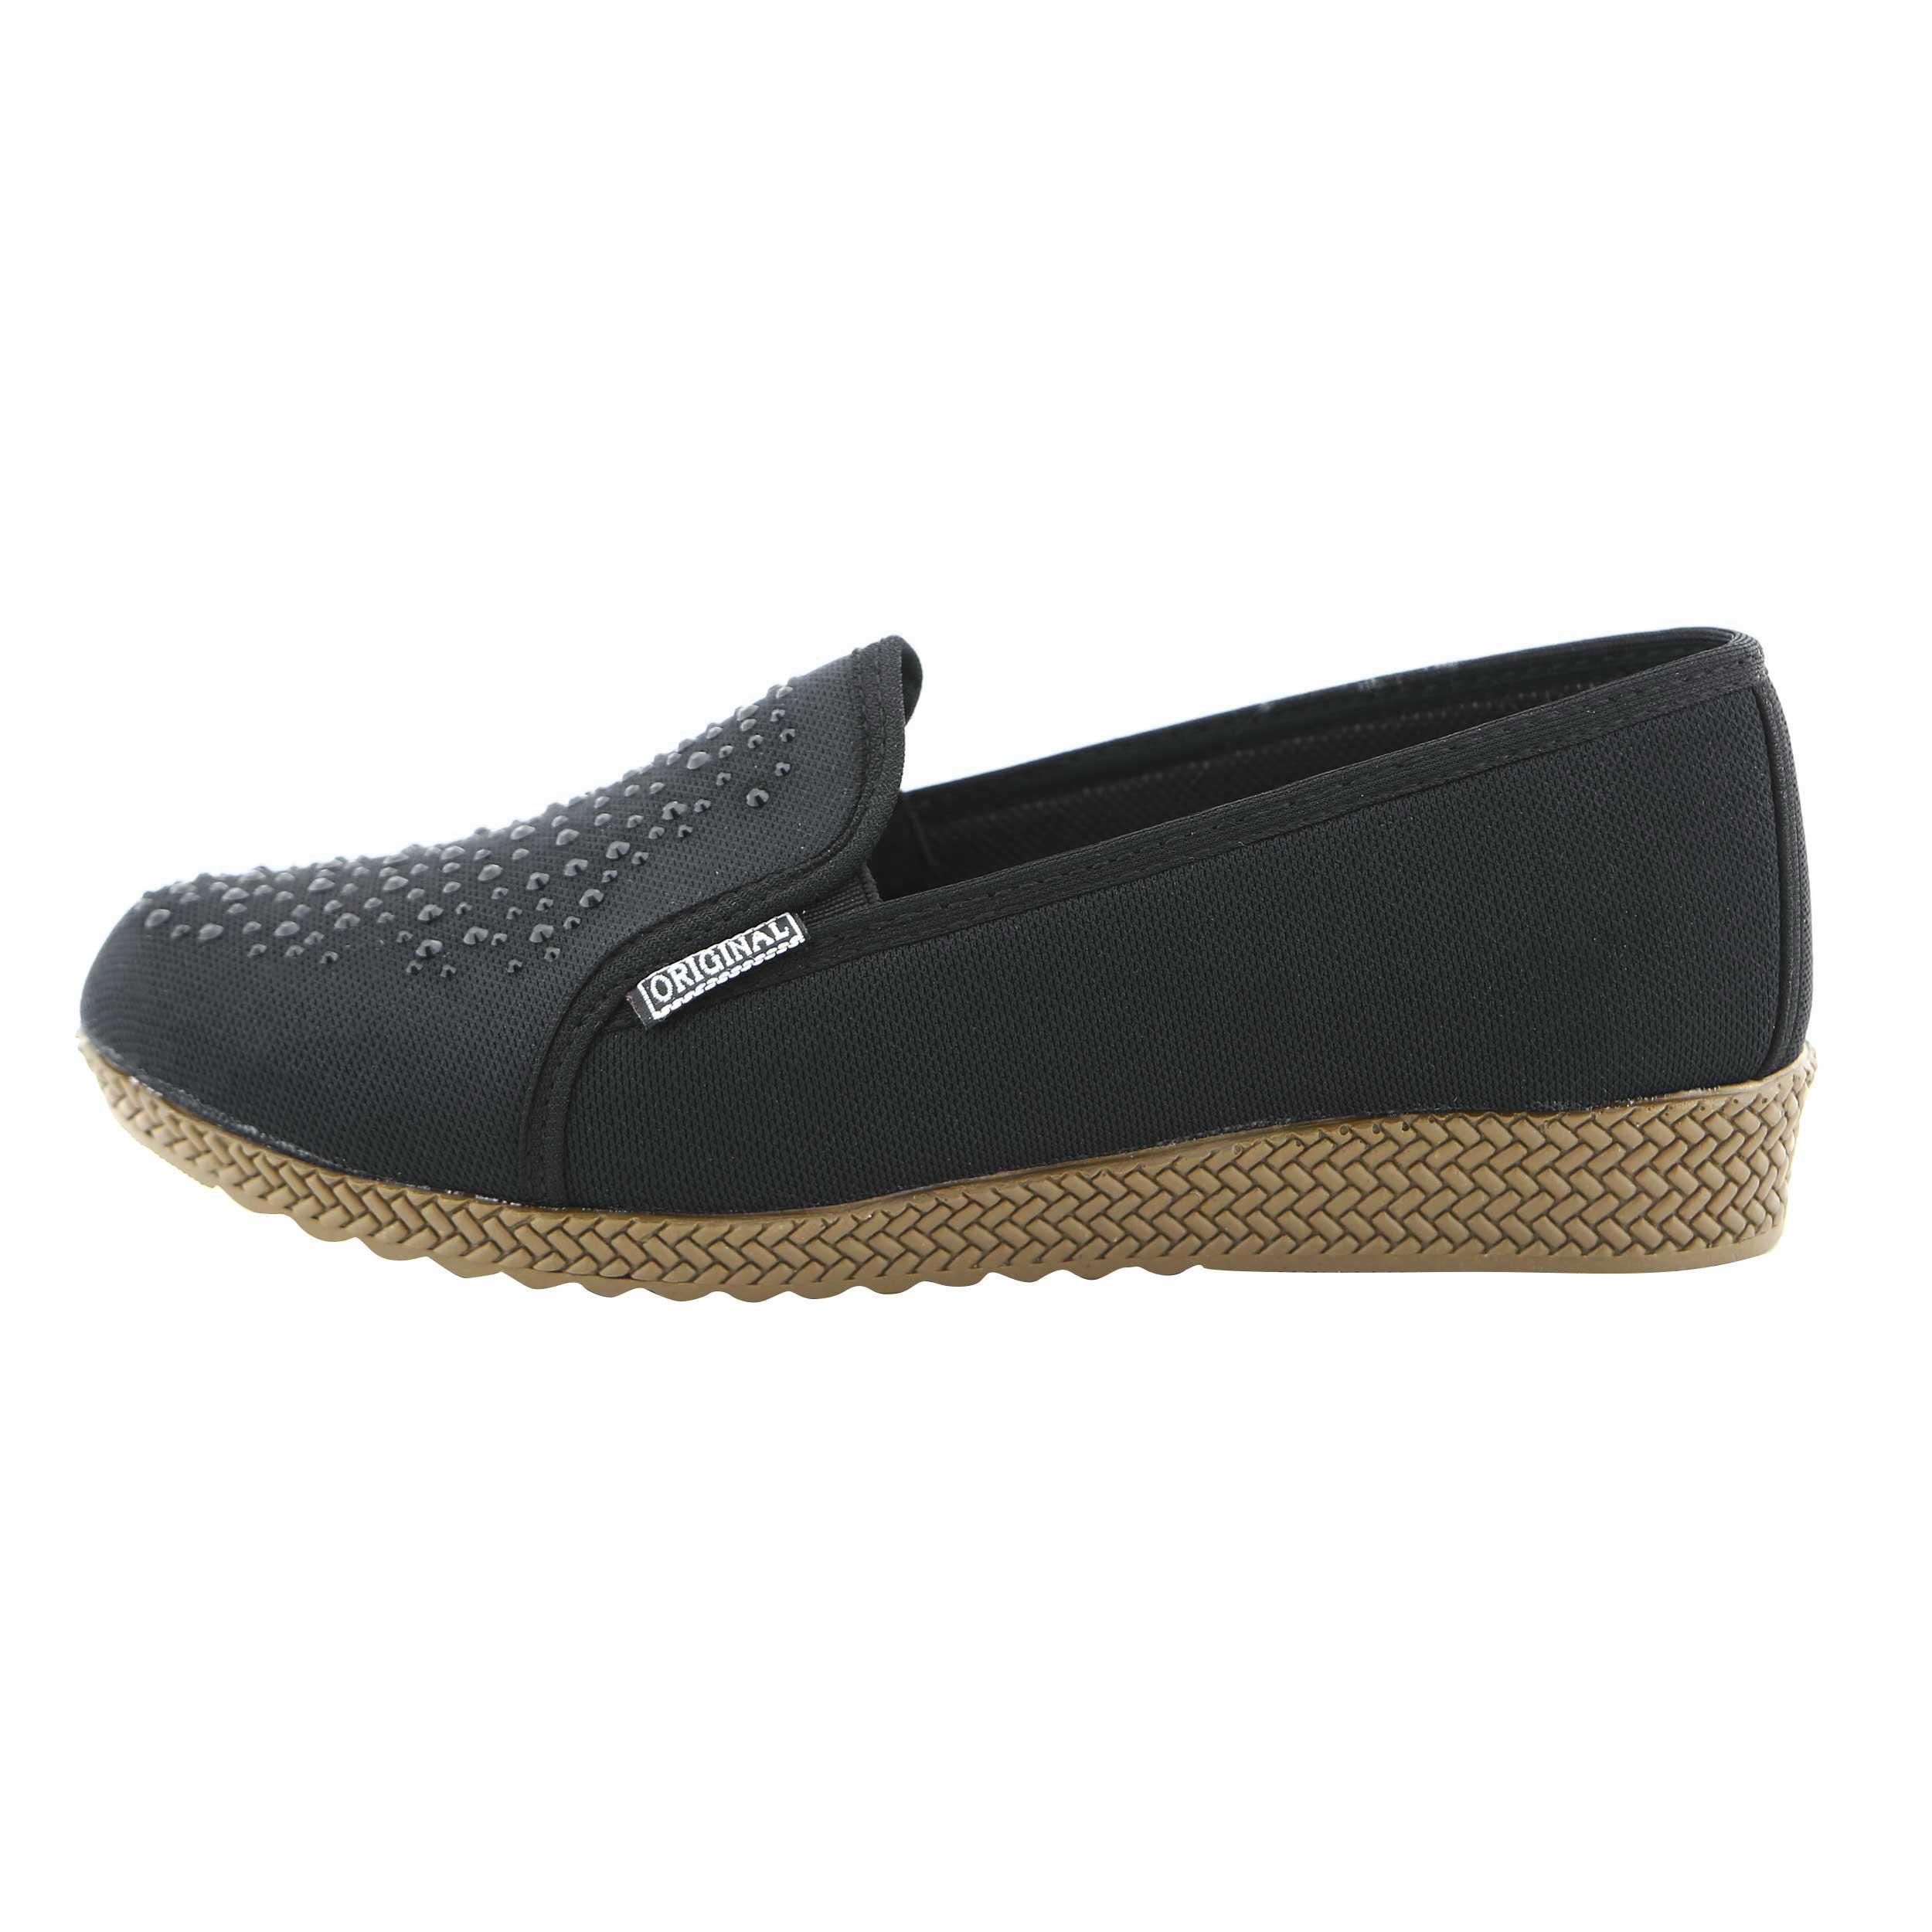 کفش روزمره زنانه سنا خانوم مدل نگین کد 01